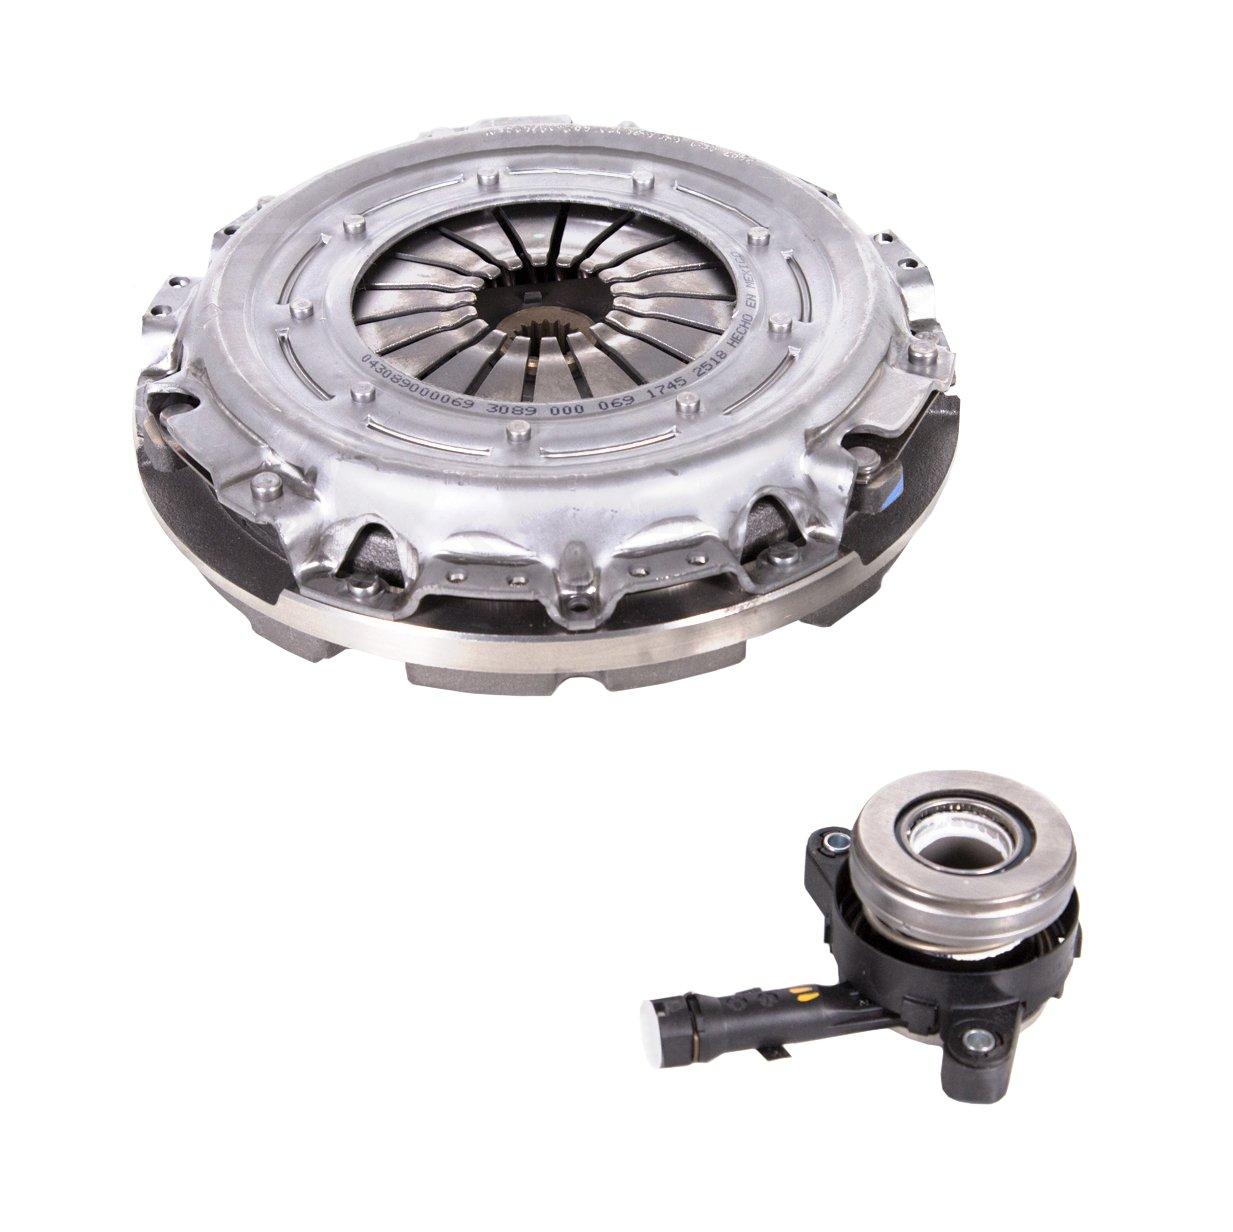 Nuevo OEM Valeo Kit de embrague para Dodge Caliber 2007 - 2011 5062025 ad 5062150 AE 844005: Amazon.es: Coche y moto